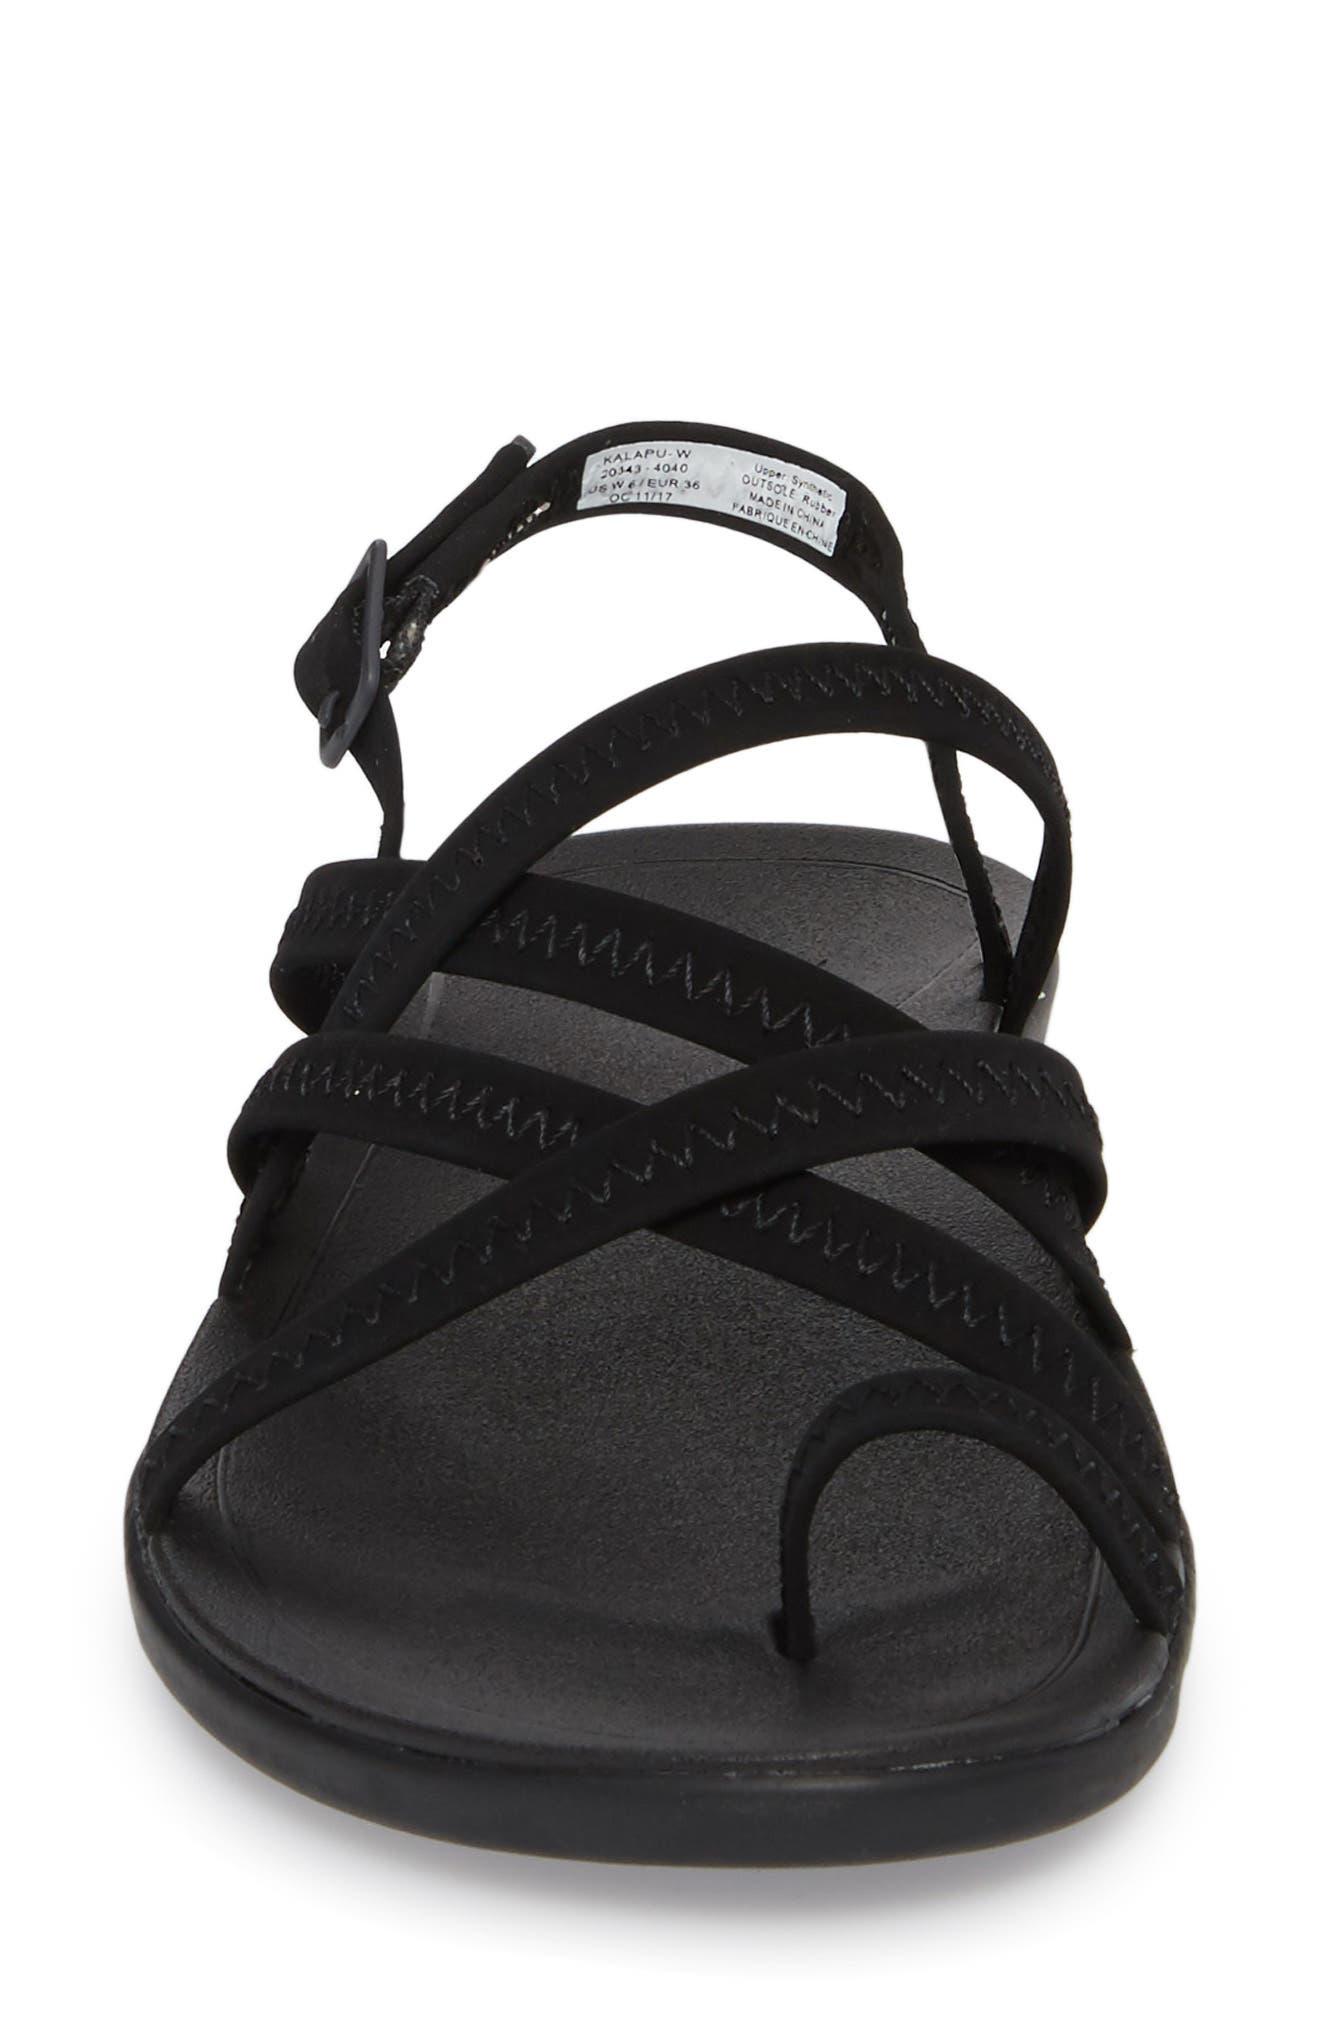 Kalapu Sandal,                             Alternate thumbnail 4, color,                             BLACK/ BLACK FAUX LEATHER